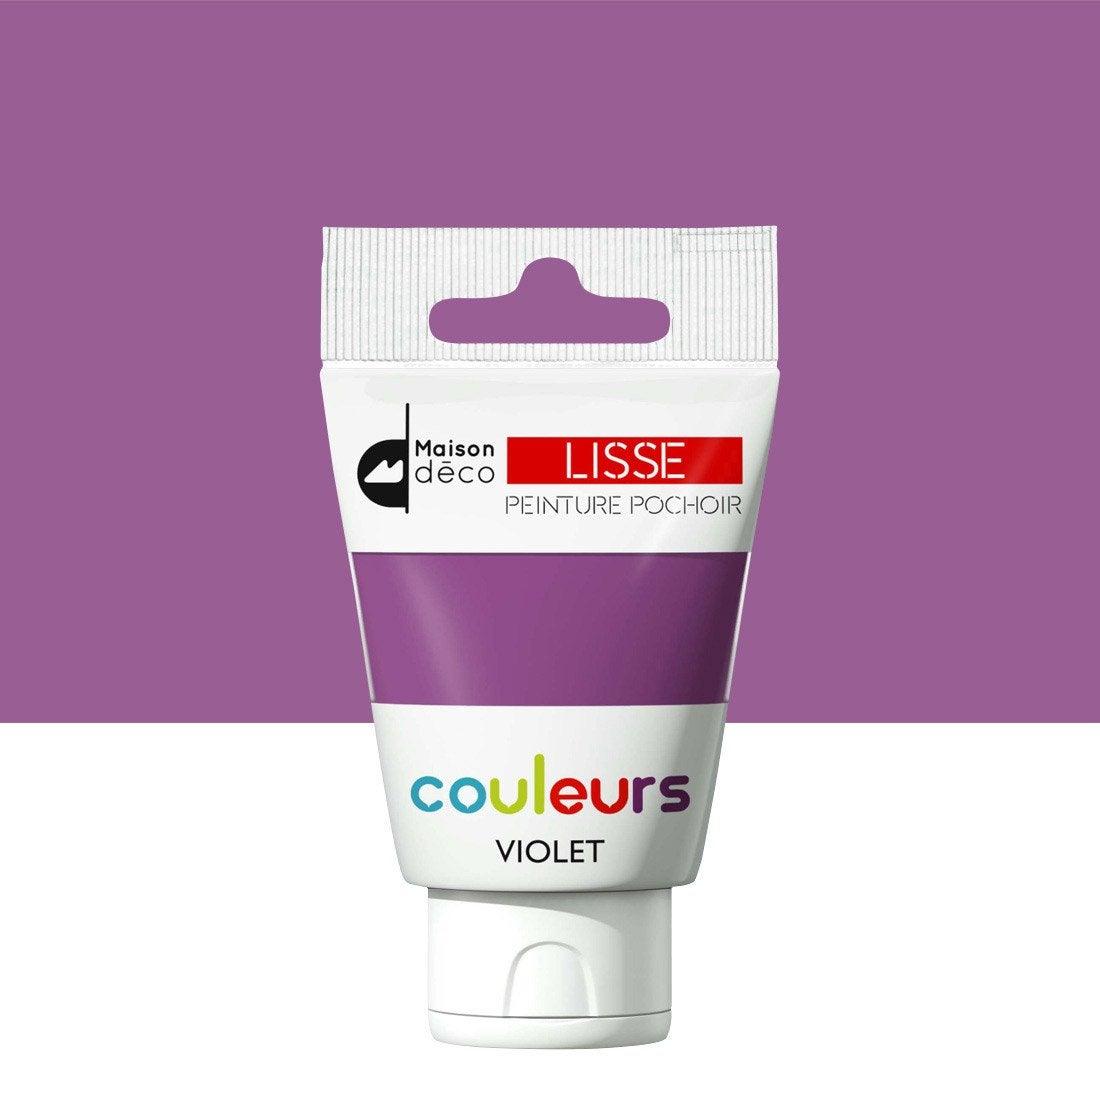 Peinture pochoir couleur maison deco violet l for Peinture violet salin